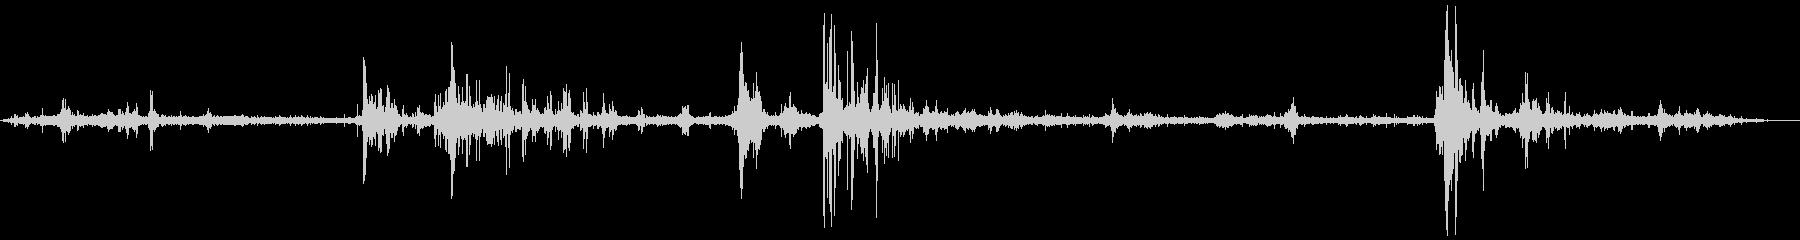 【自然音】落雷の音02の未再生の波形